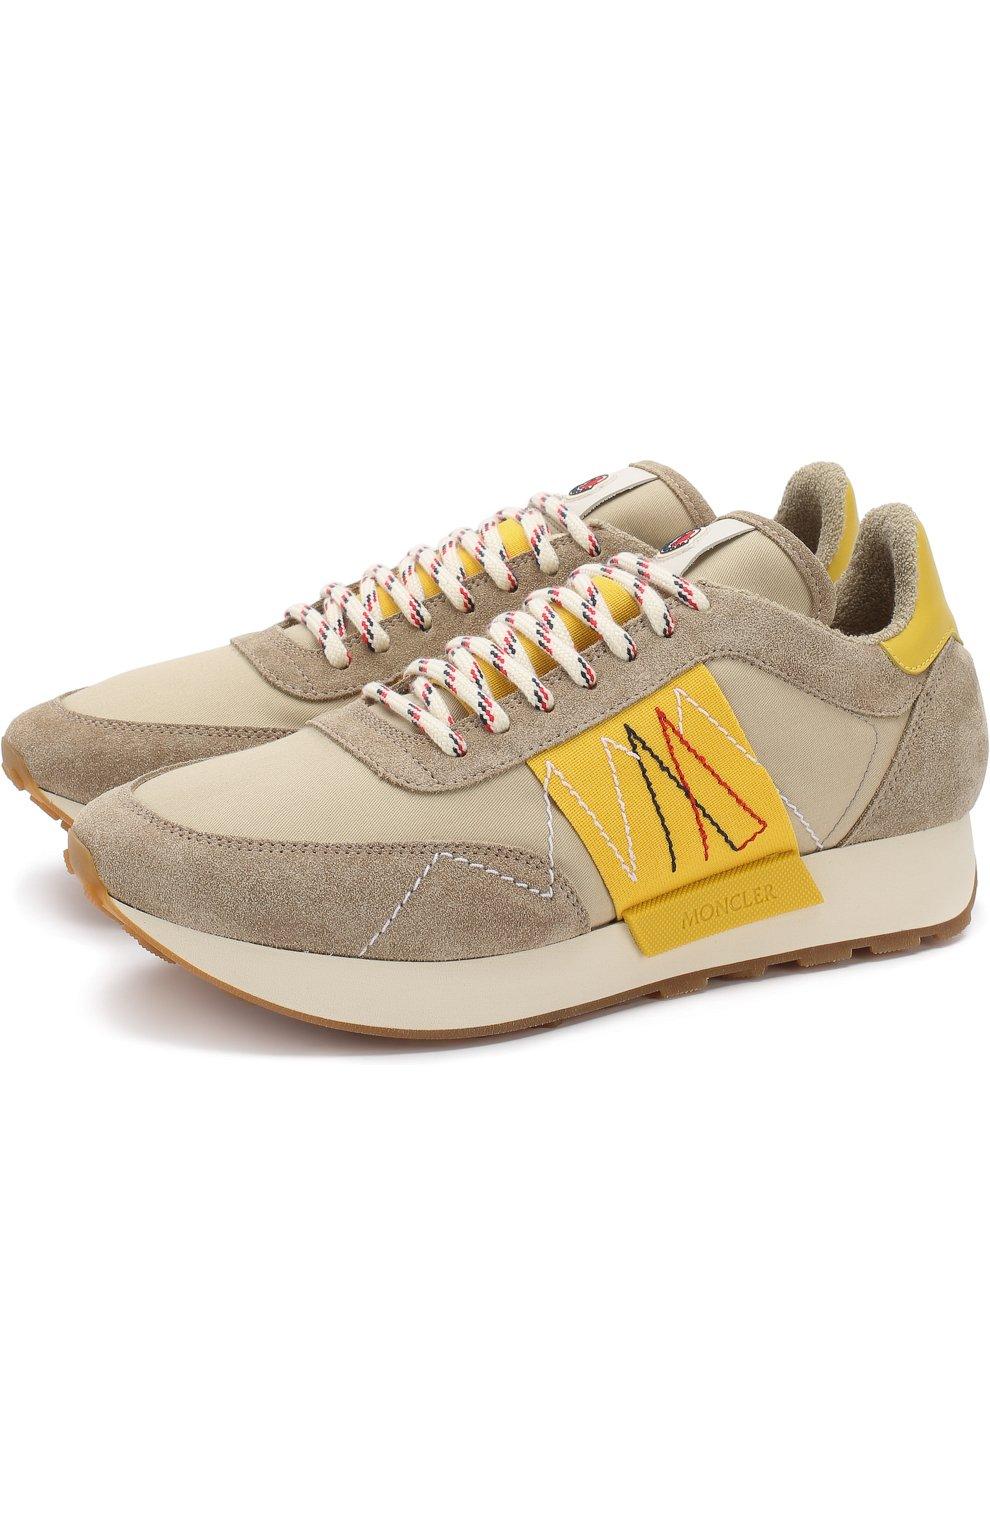 Мужские комбинированные кроссовки на шнуровке MONCLER коричневого цвета, арт. D1-09A-10191-00-019NF | Фото 1